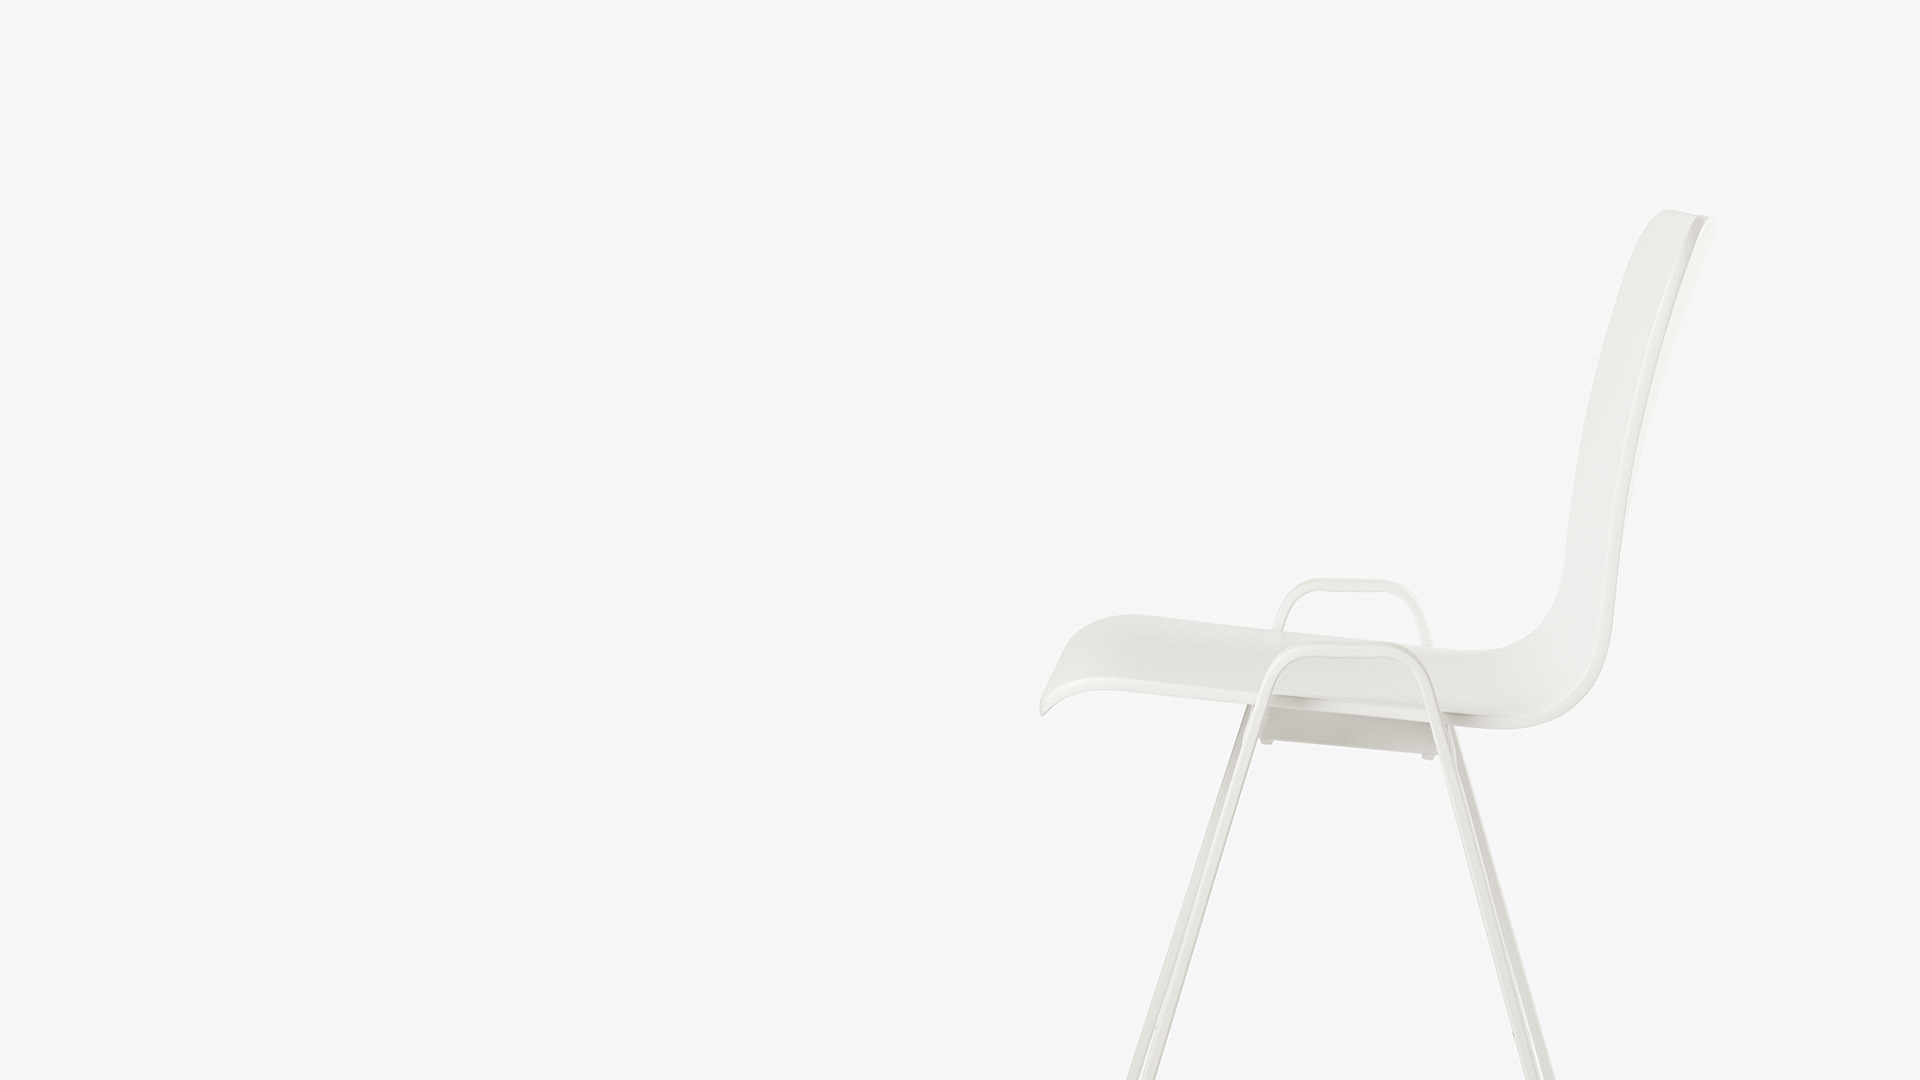 后低前高椅座设计<br/>人体工学精准贴合背臀